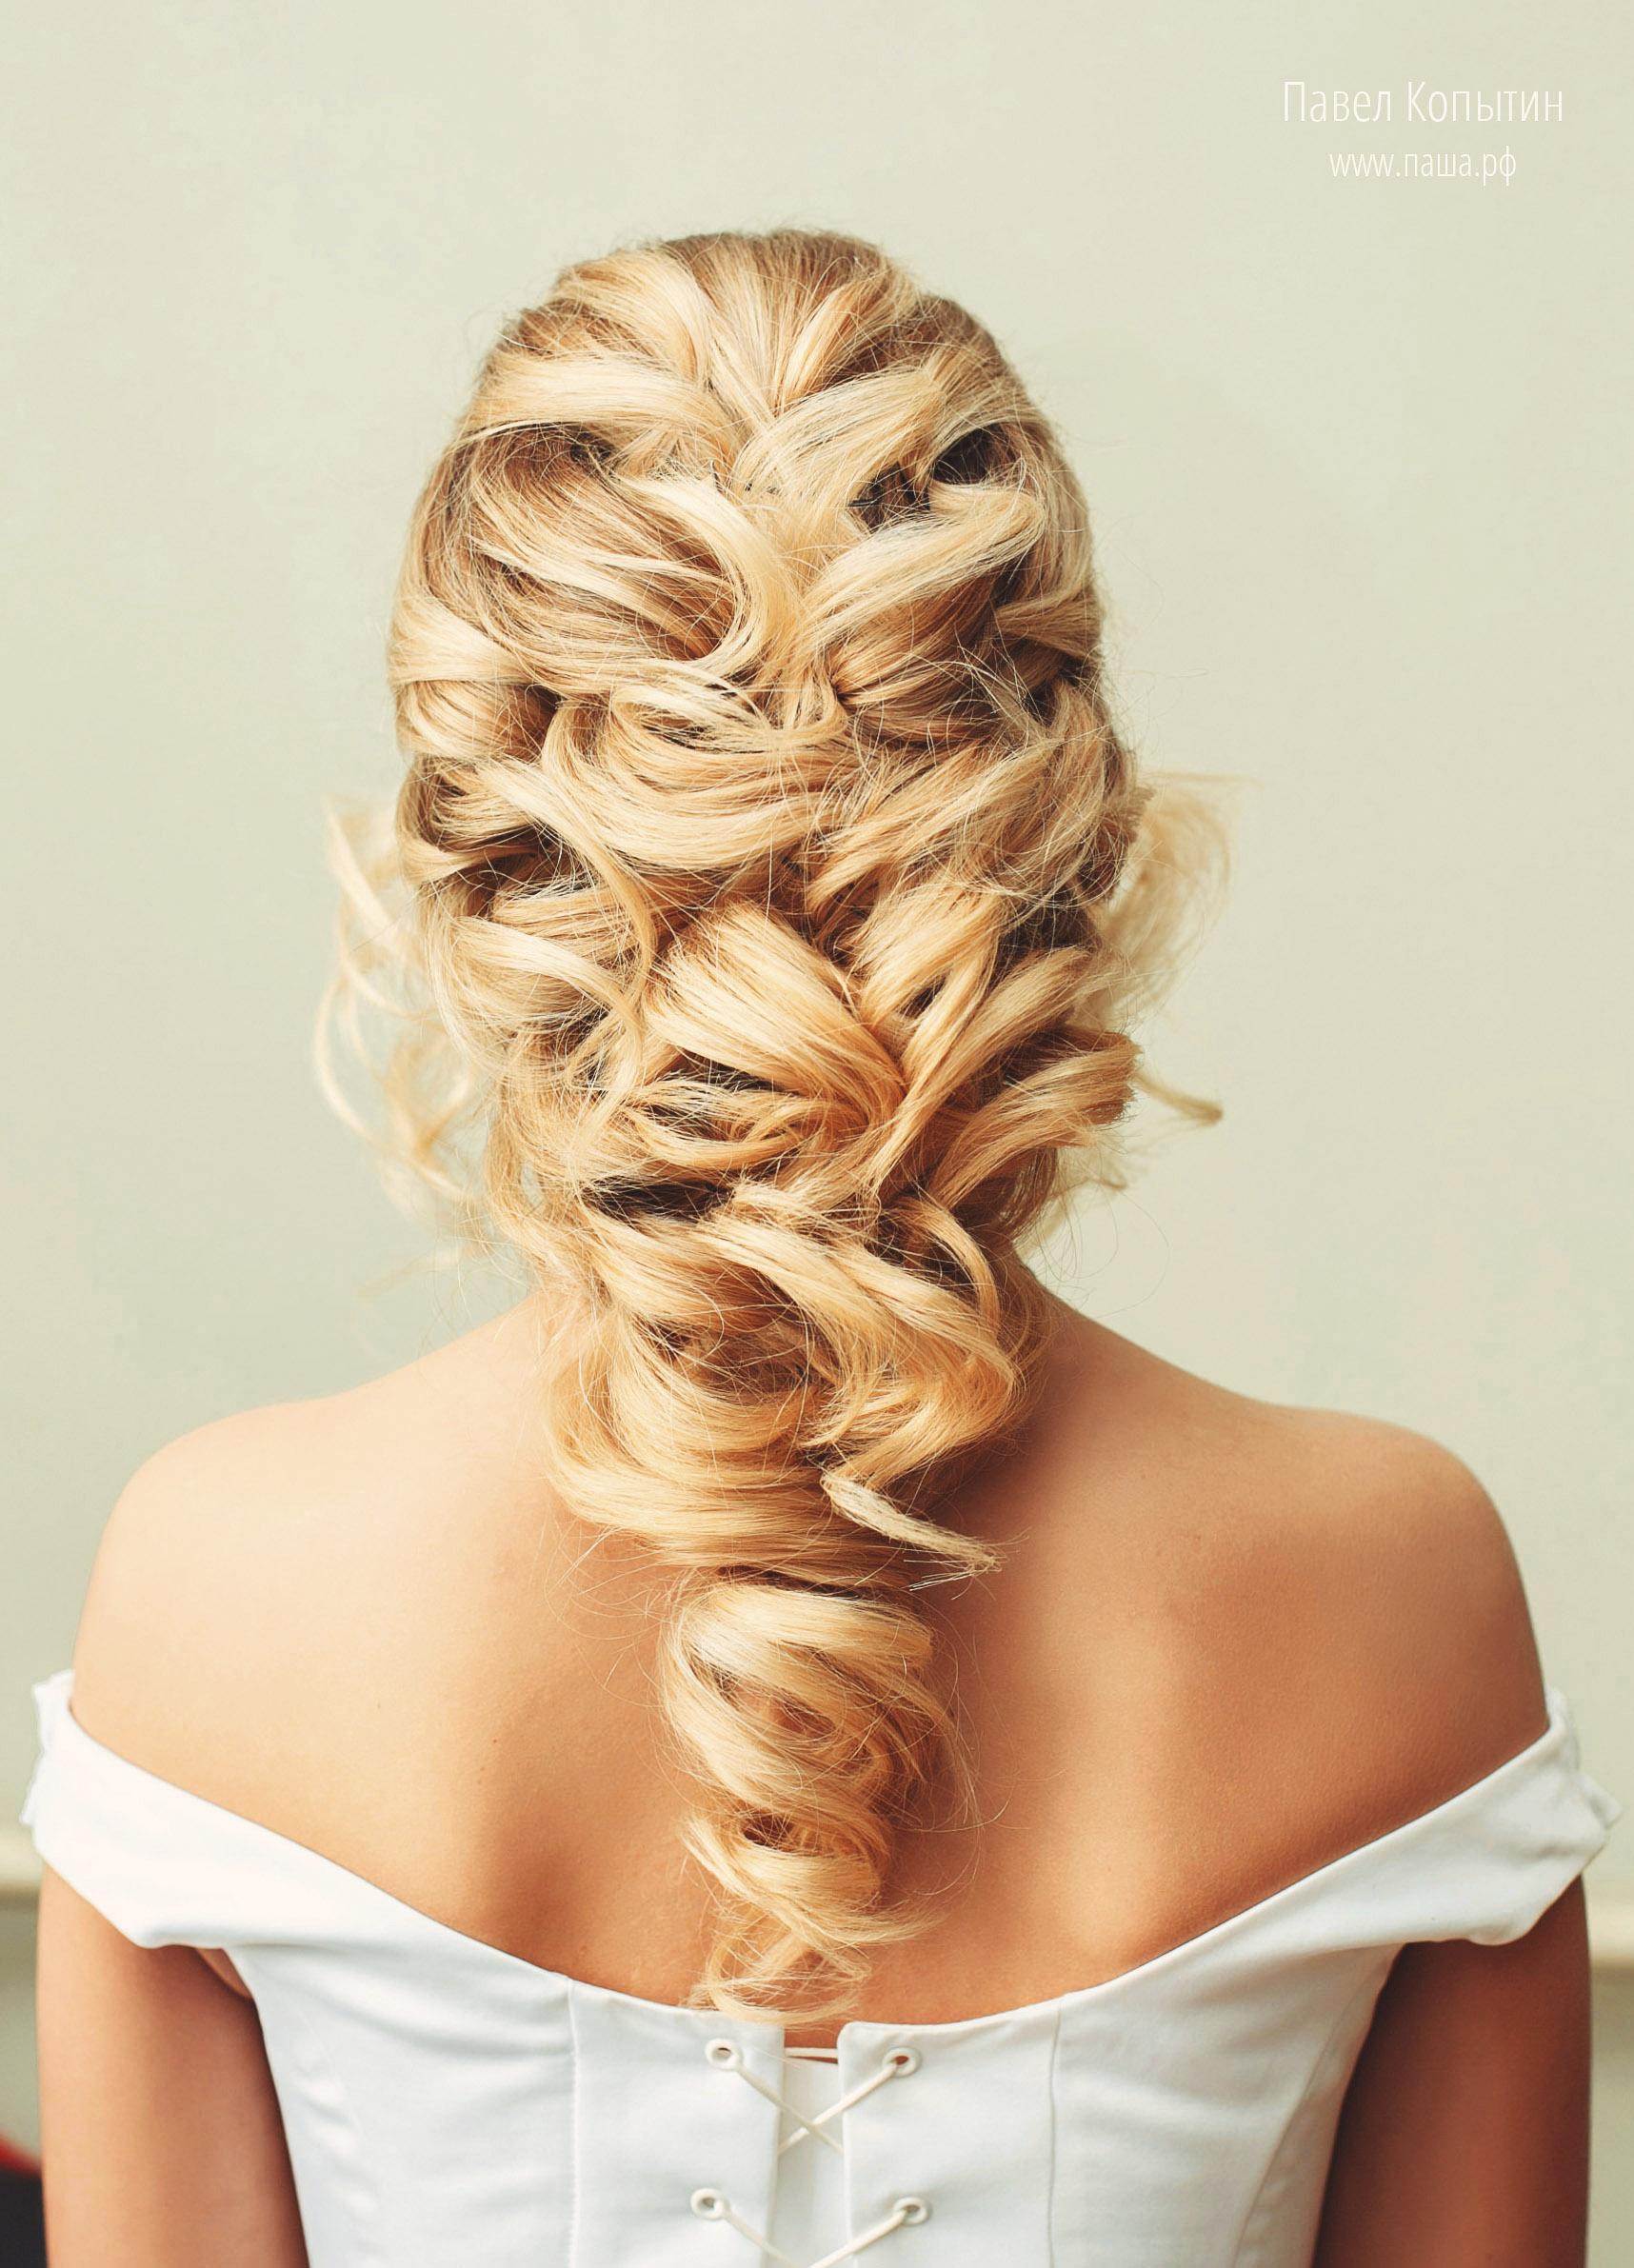 Фото причесок из кос греческие